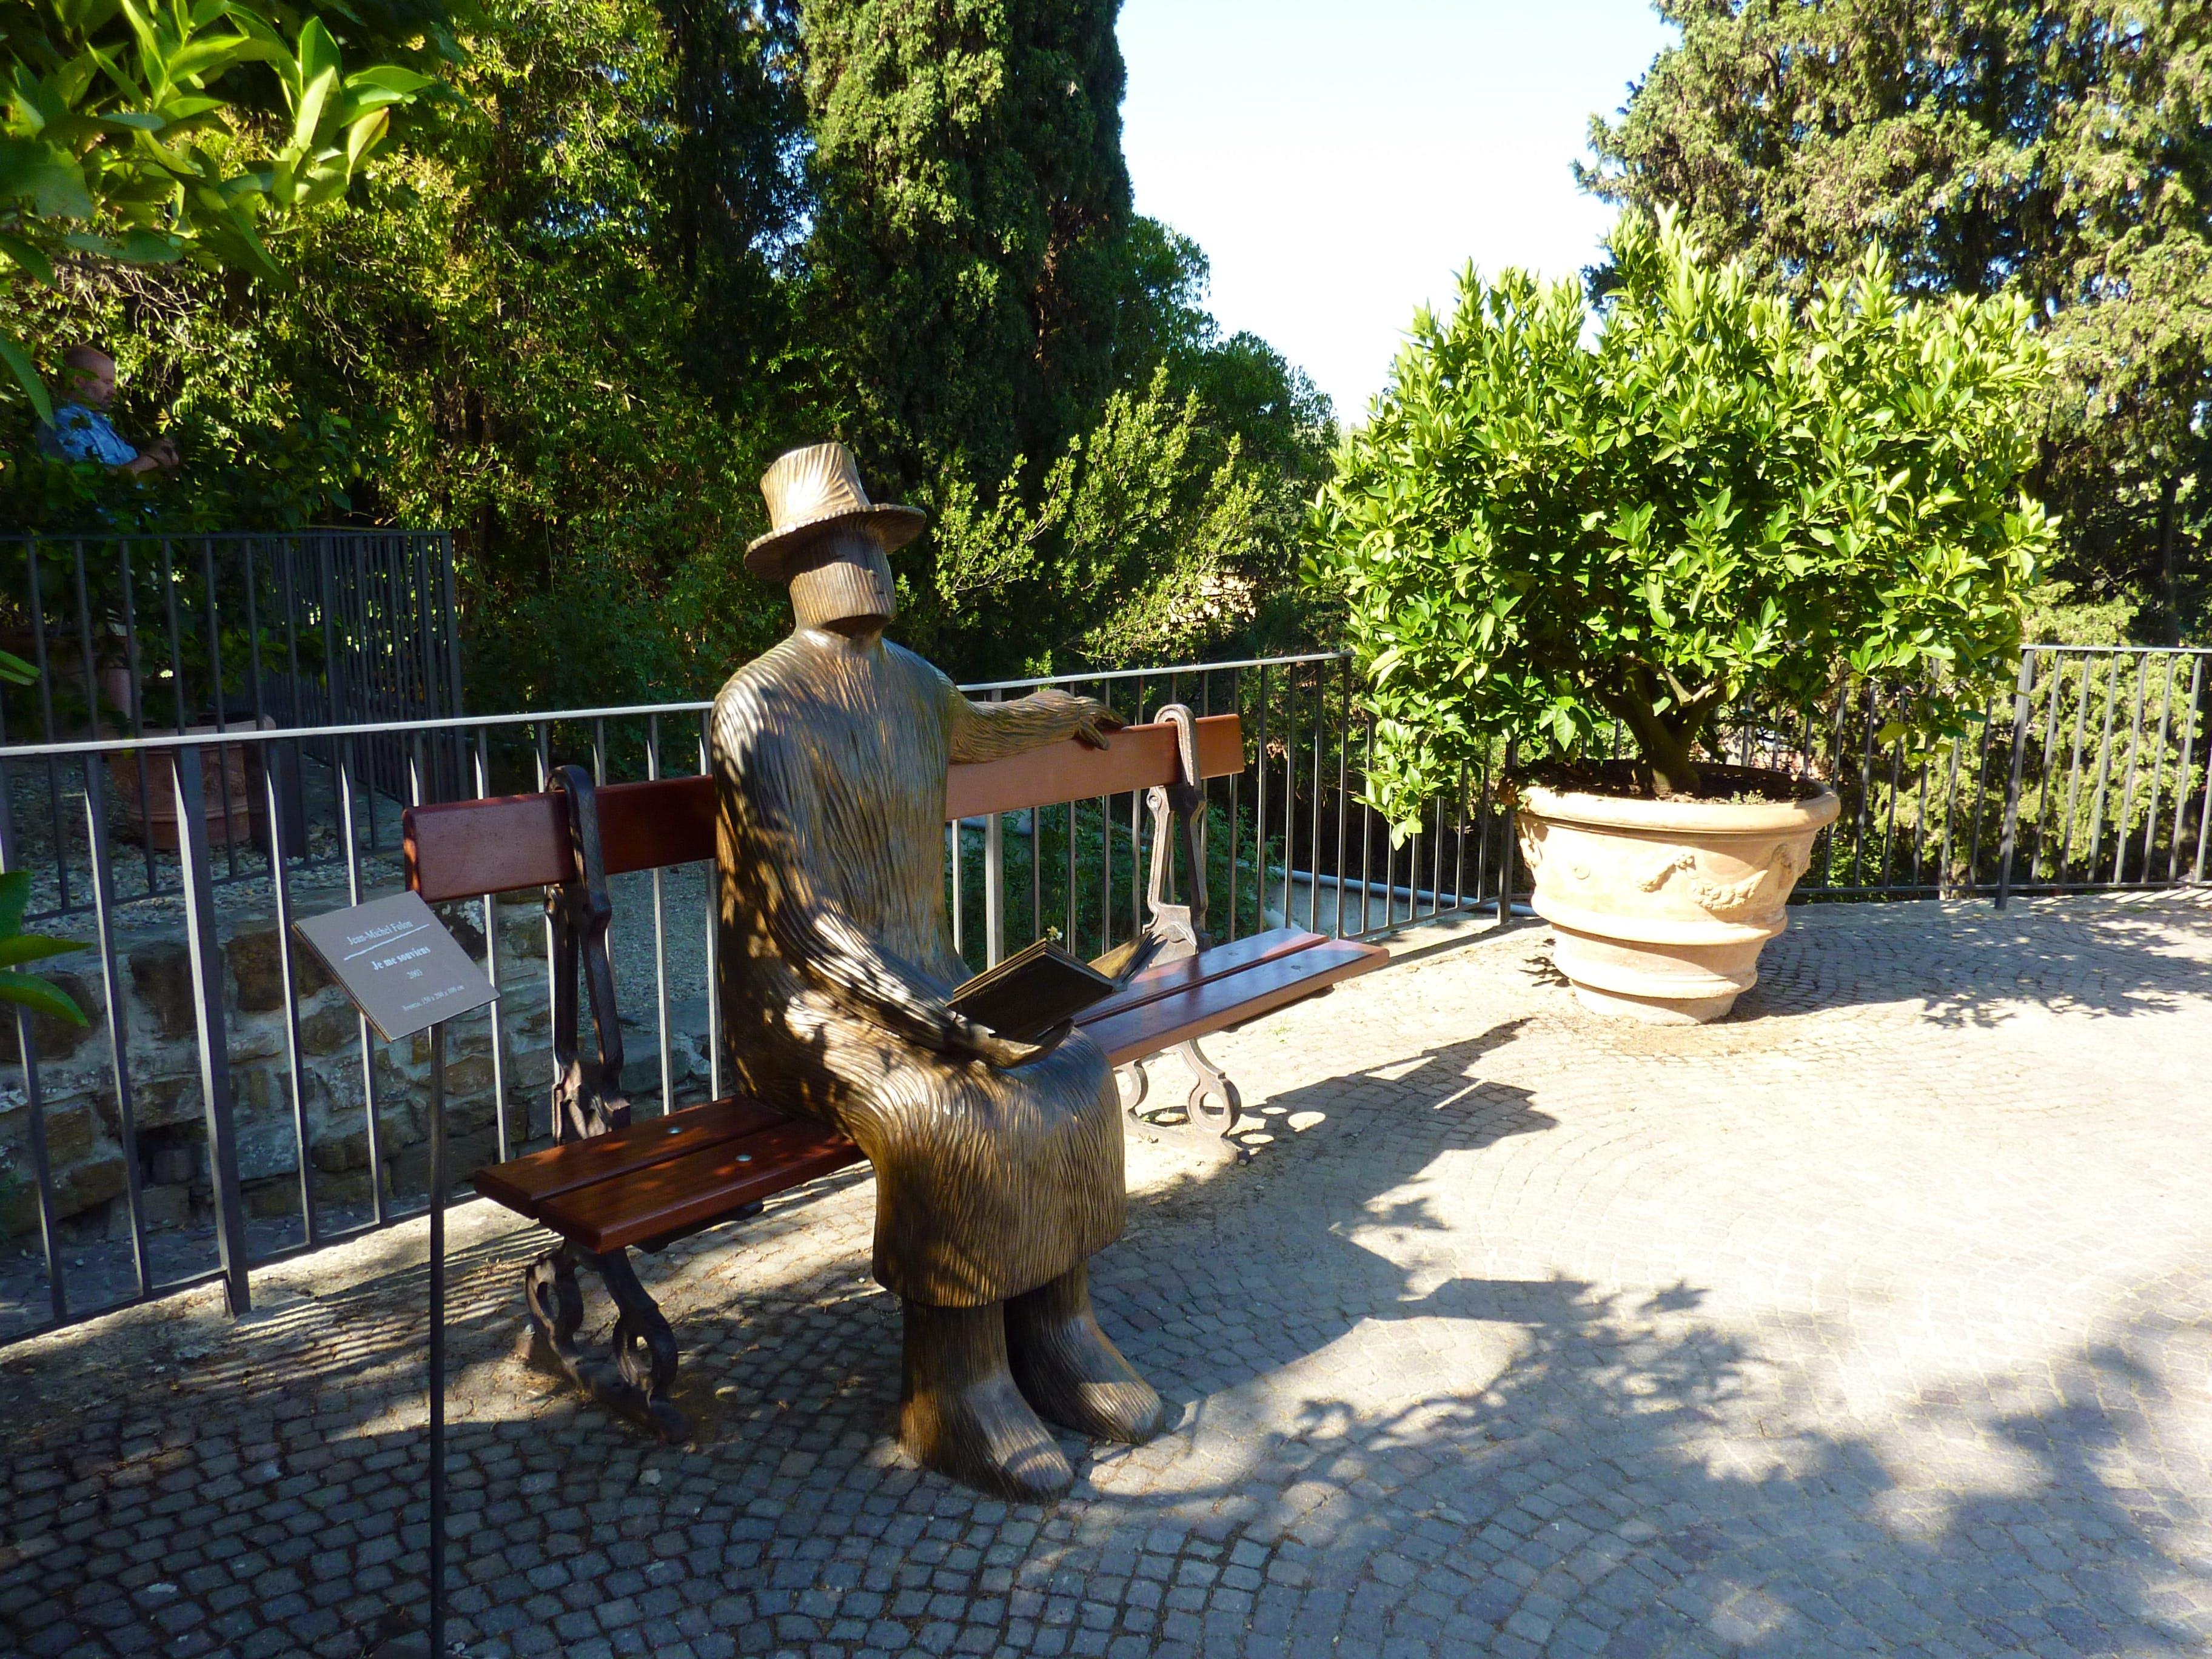 Giardini a firenze con vista: bardini boboli giardino delle rose e